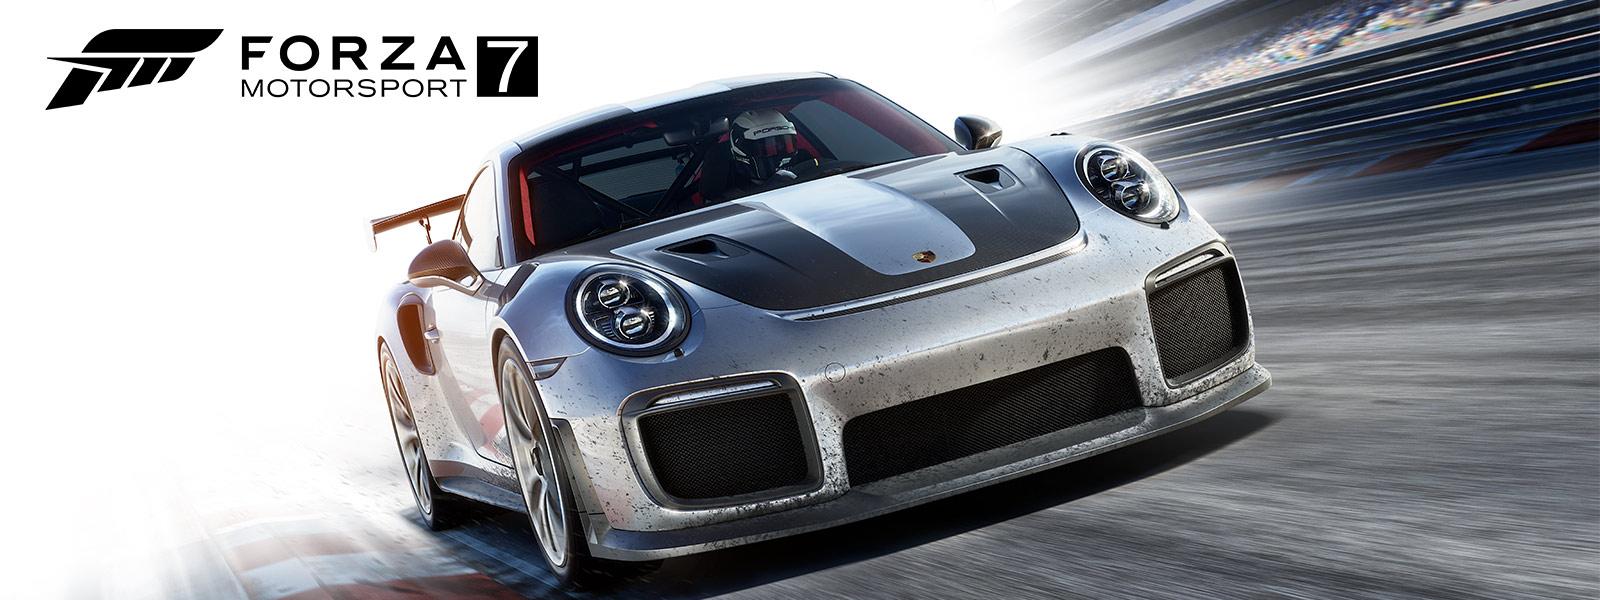 Obrazovka hry Forza Motorsport7